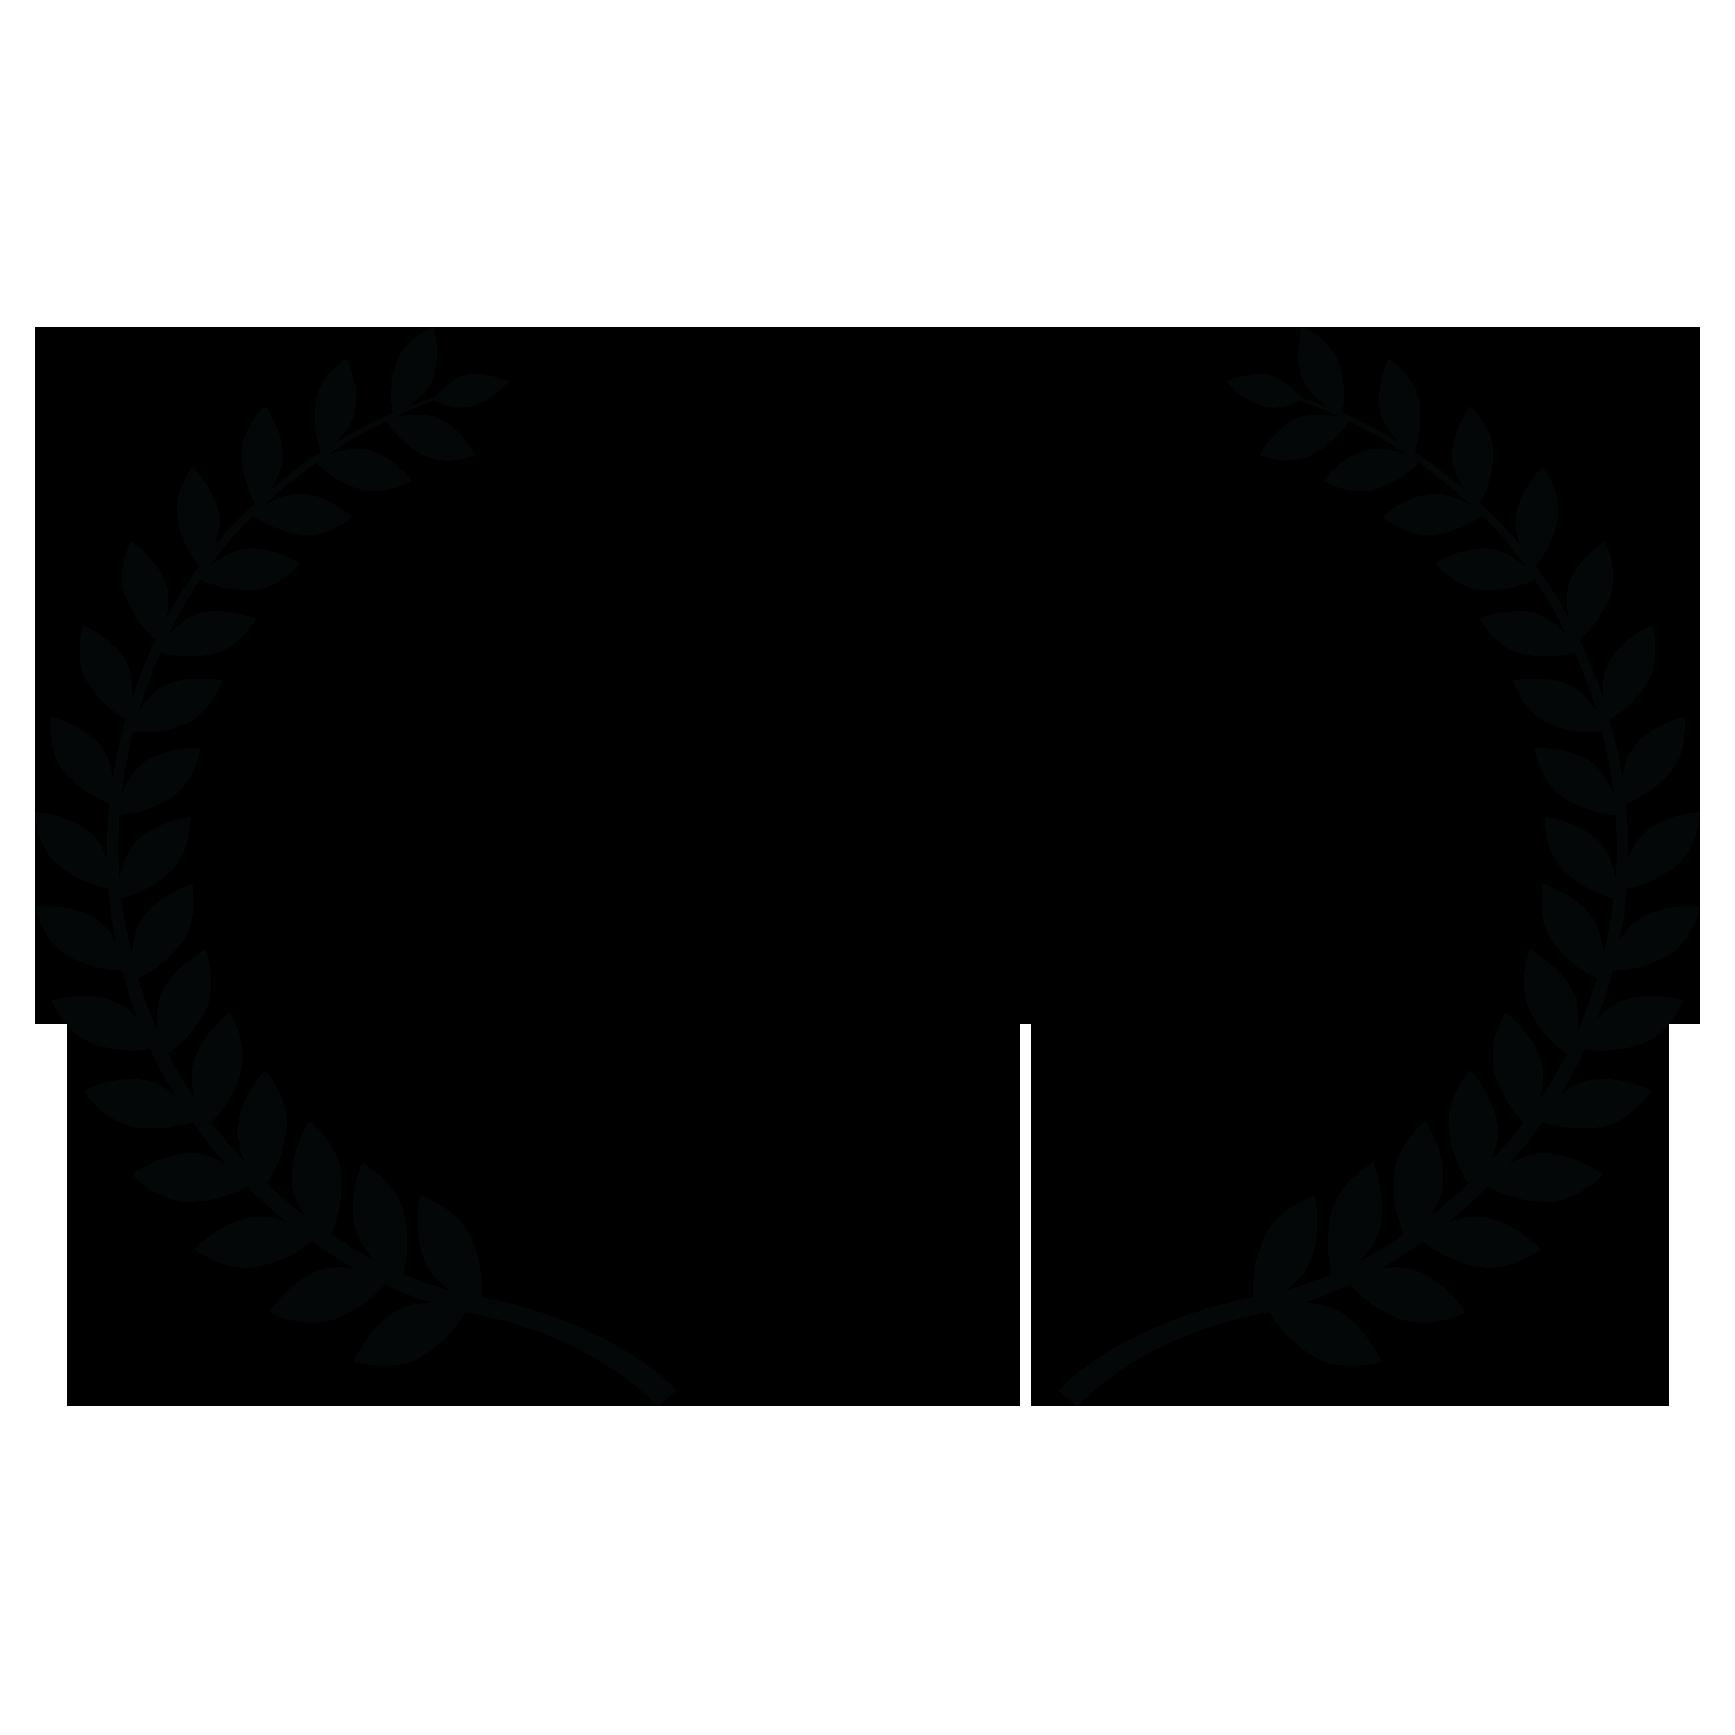 WINNER - ESTES PARK FILM FESTIVAL - BEST DOCUMENTARY.png